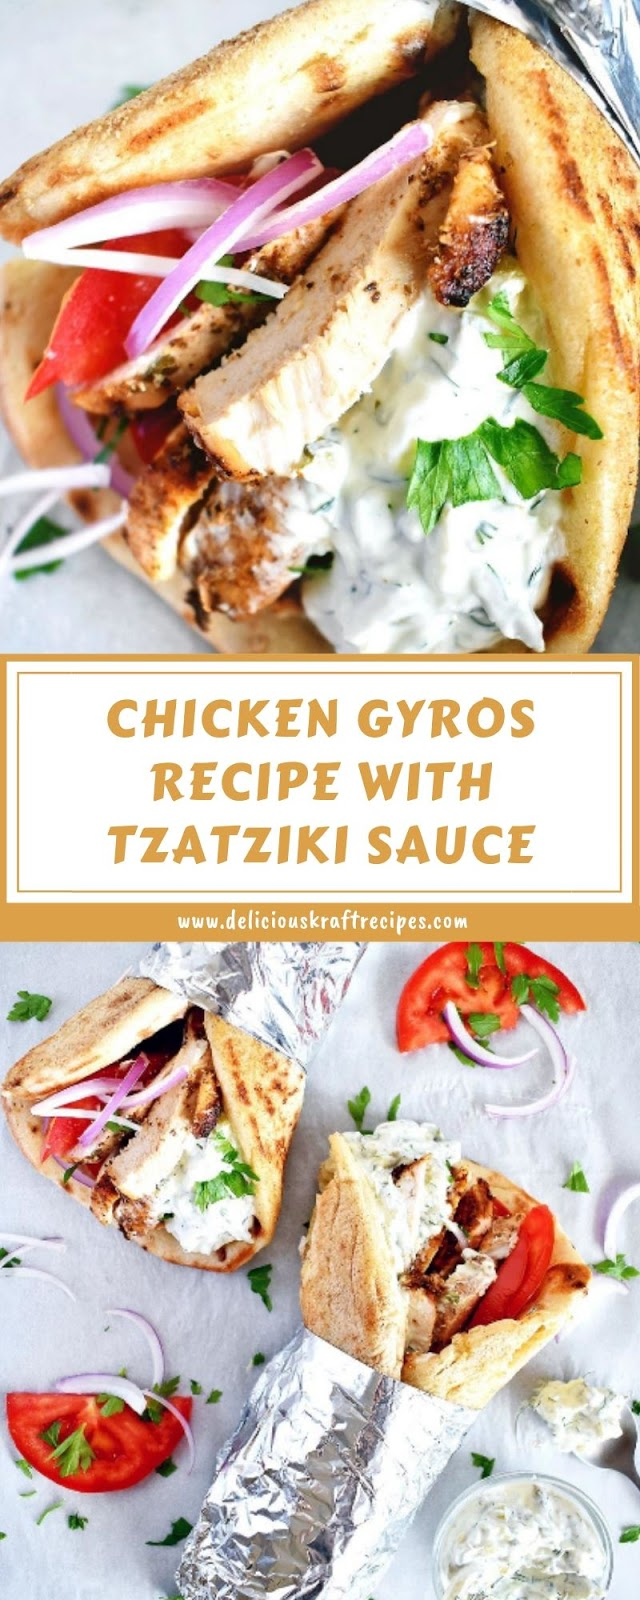 CHICKEN GYROS RECIPE WITH TZATZIKI SAUCE